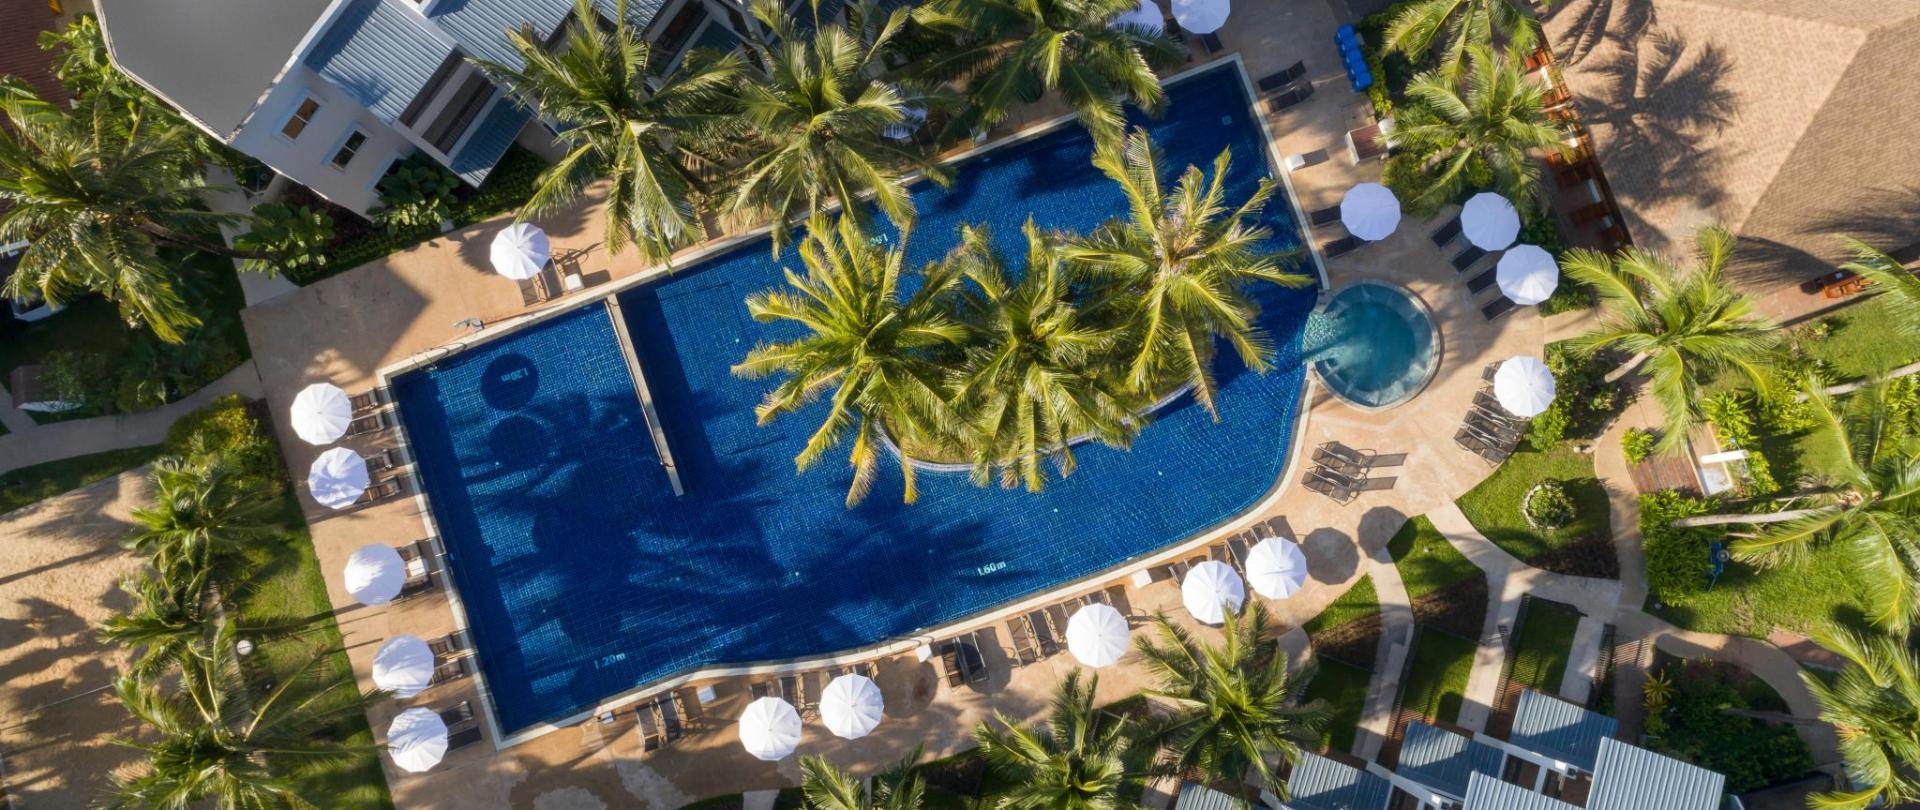 264_Aerial view_013.jpg